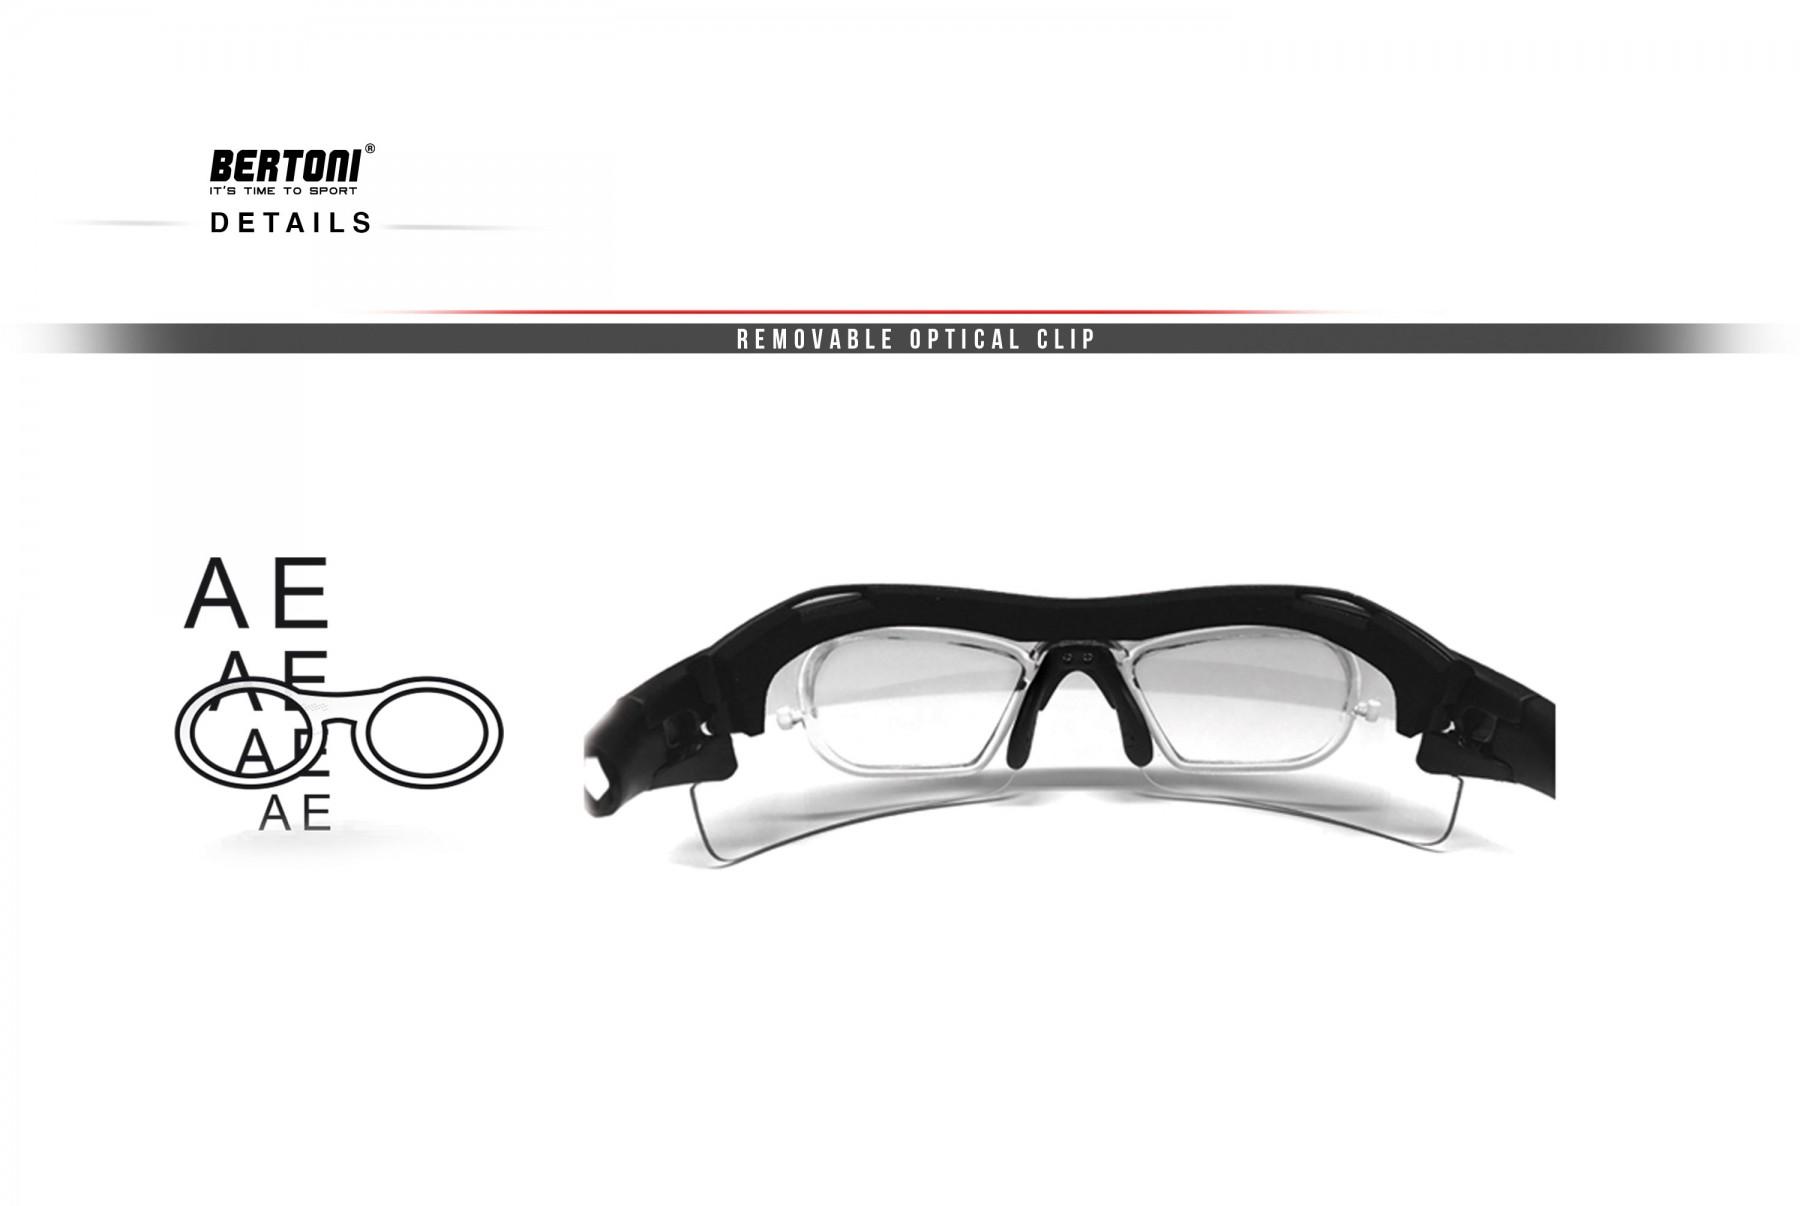 af599c743d Más vistas. Gafas Moto Graduadas - 3 Lentes Anti-Vaho Intercambiables  Incluidas - Clip Óptico para ...